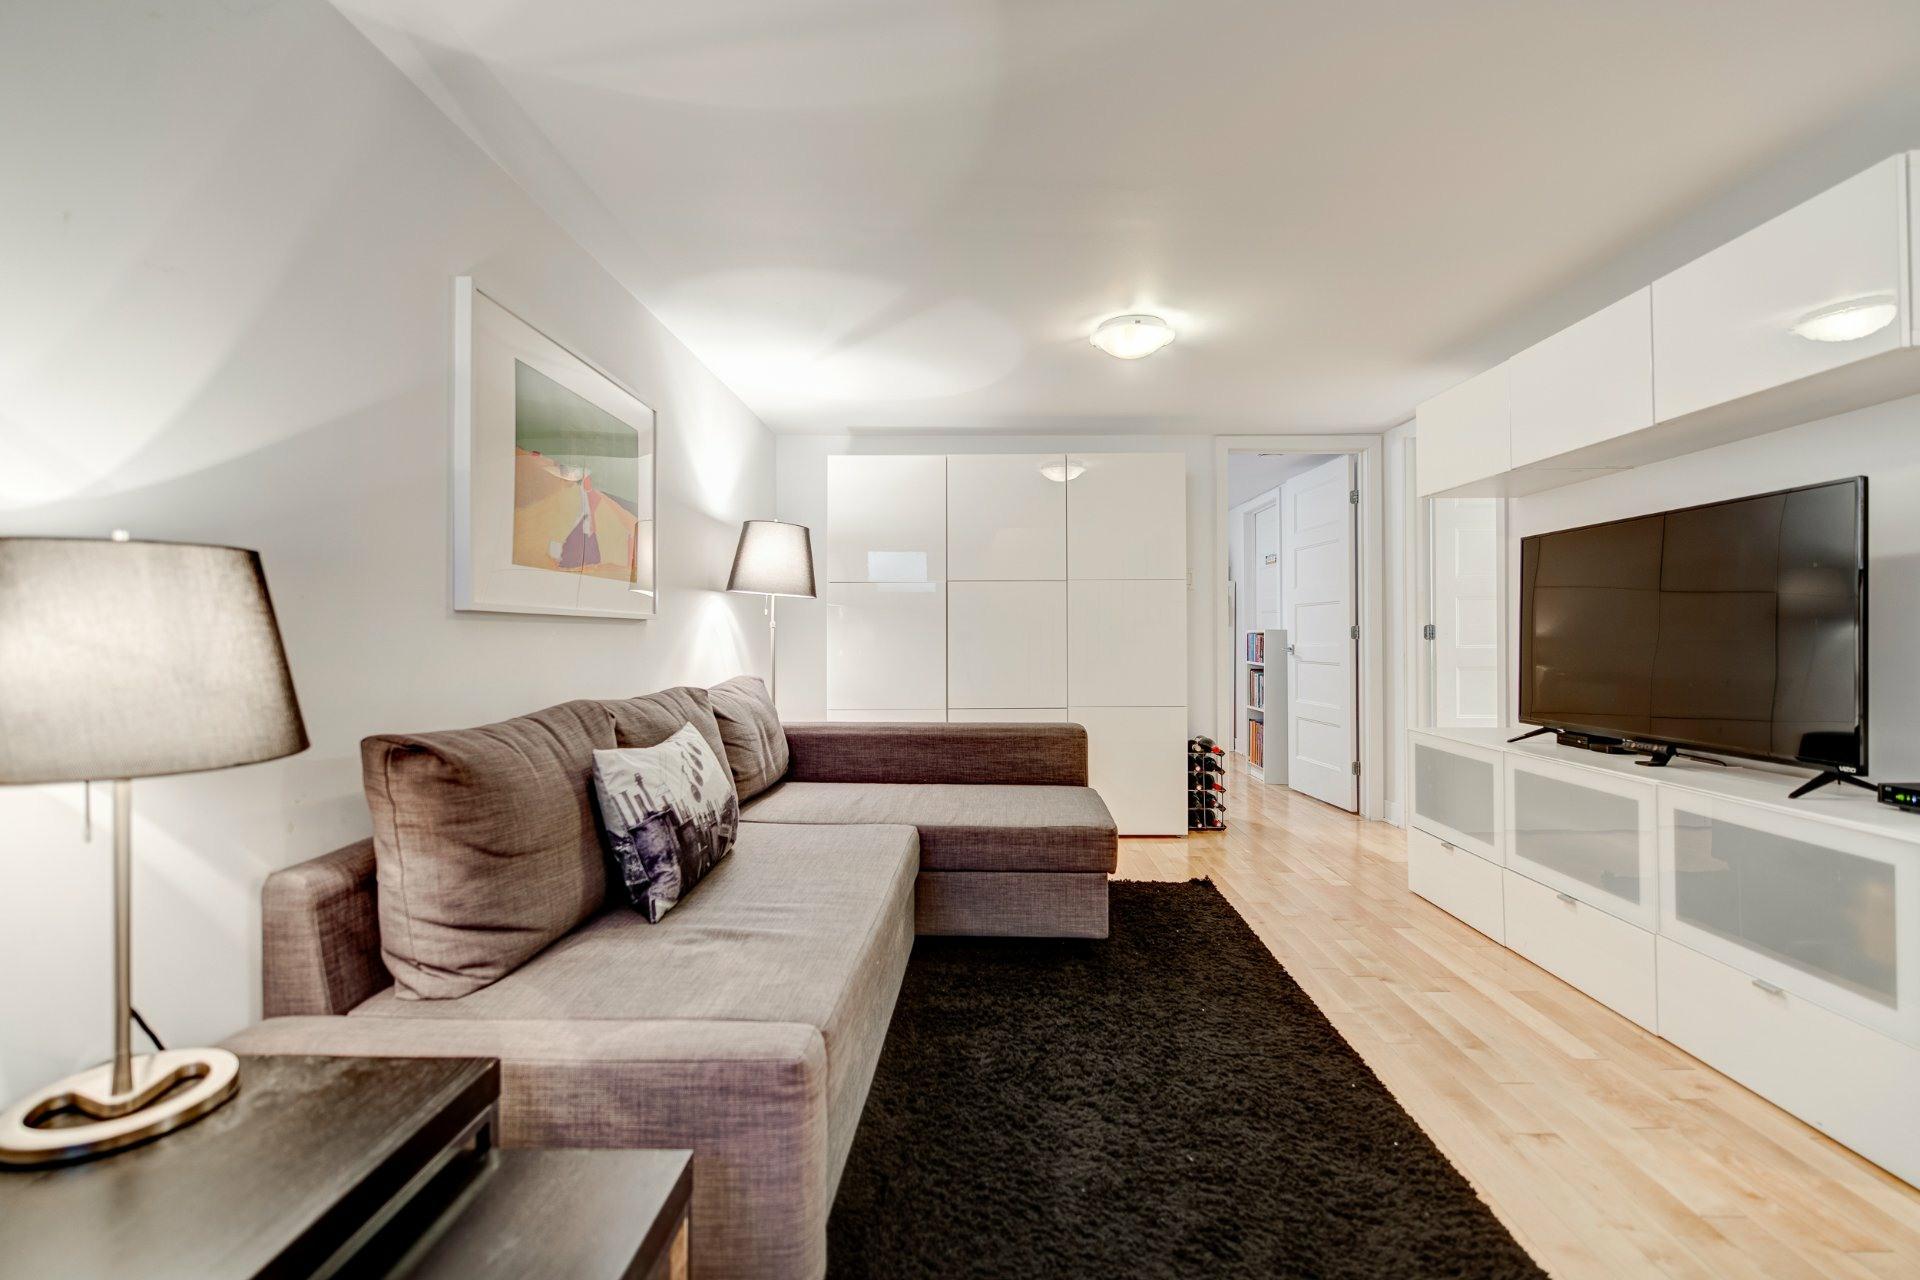 image 20 - Appartement À vendre Rosemont/La Petite-Patrie Montréal  - 6 pièces